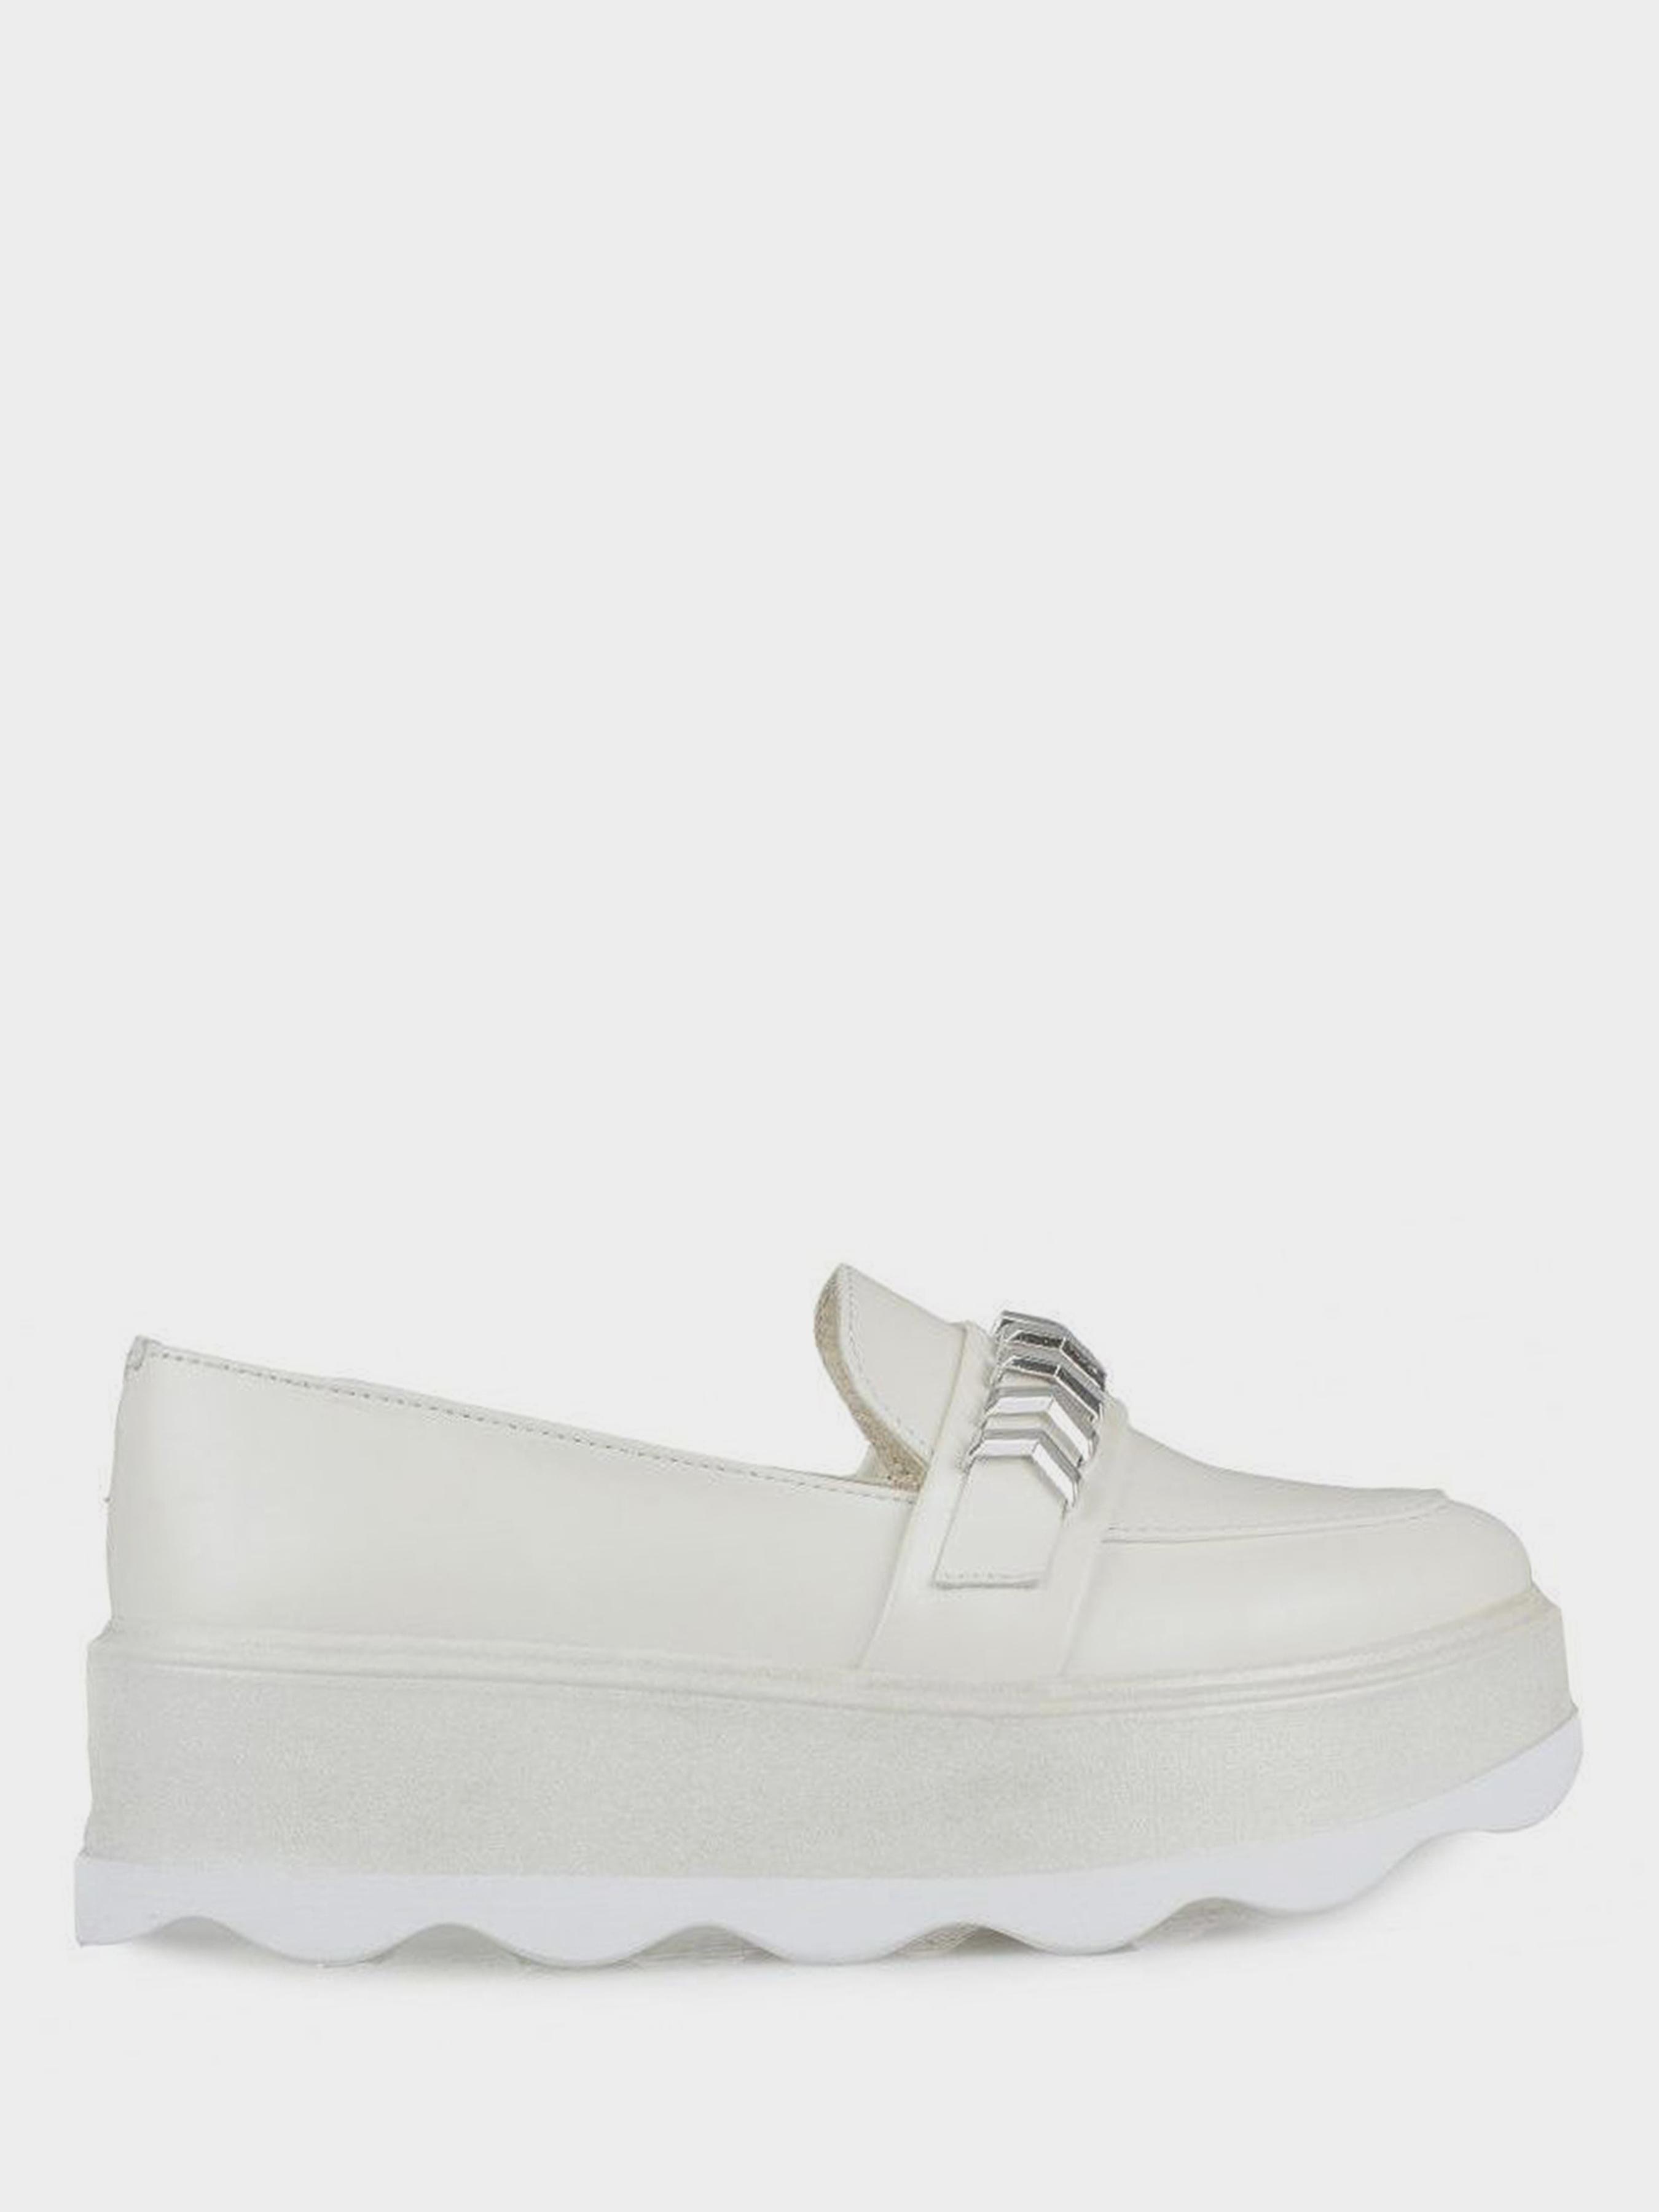 Туфли женские Emmelie Delage 4O36 размерная сетка обуви, 2017